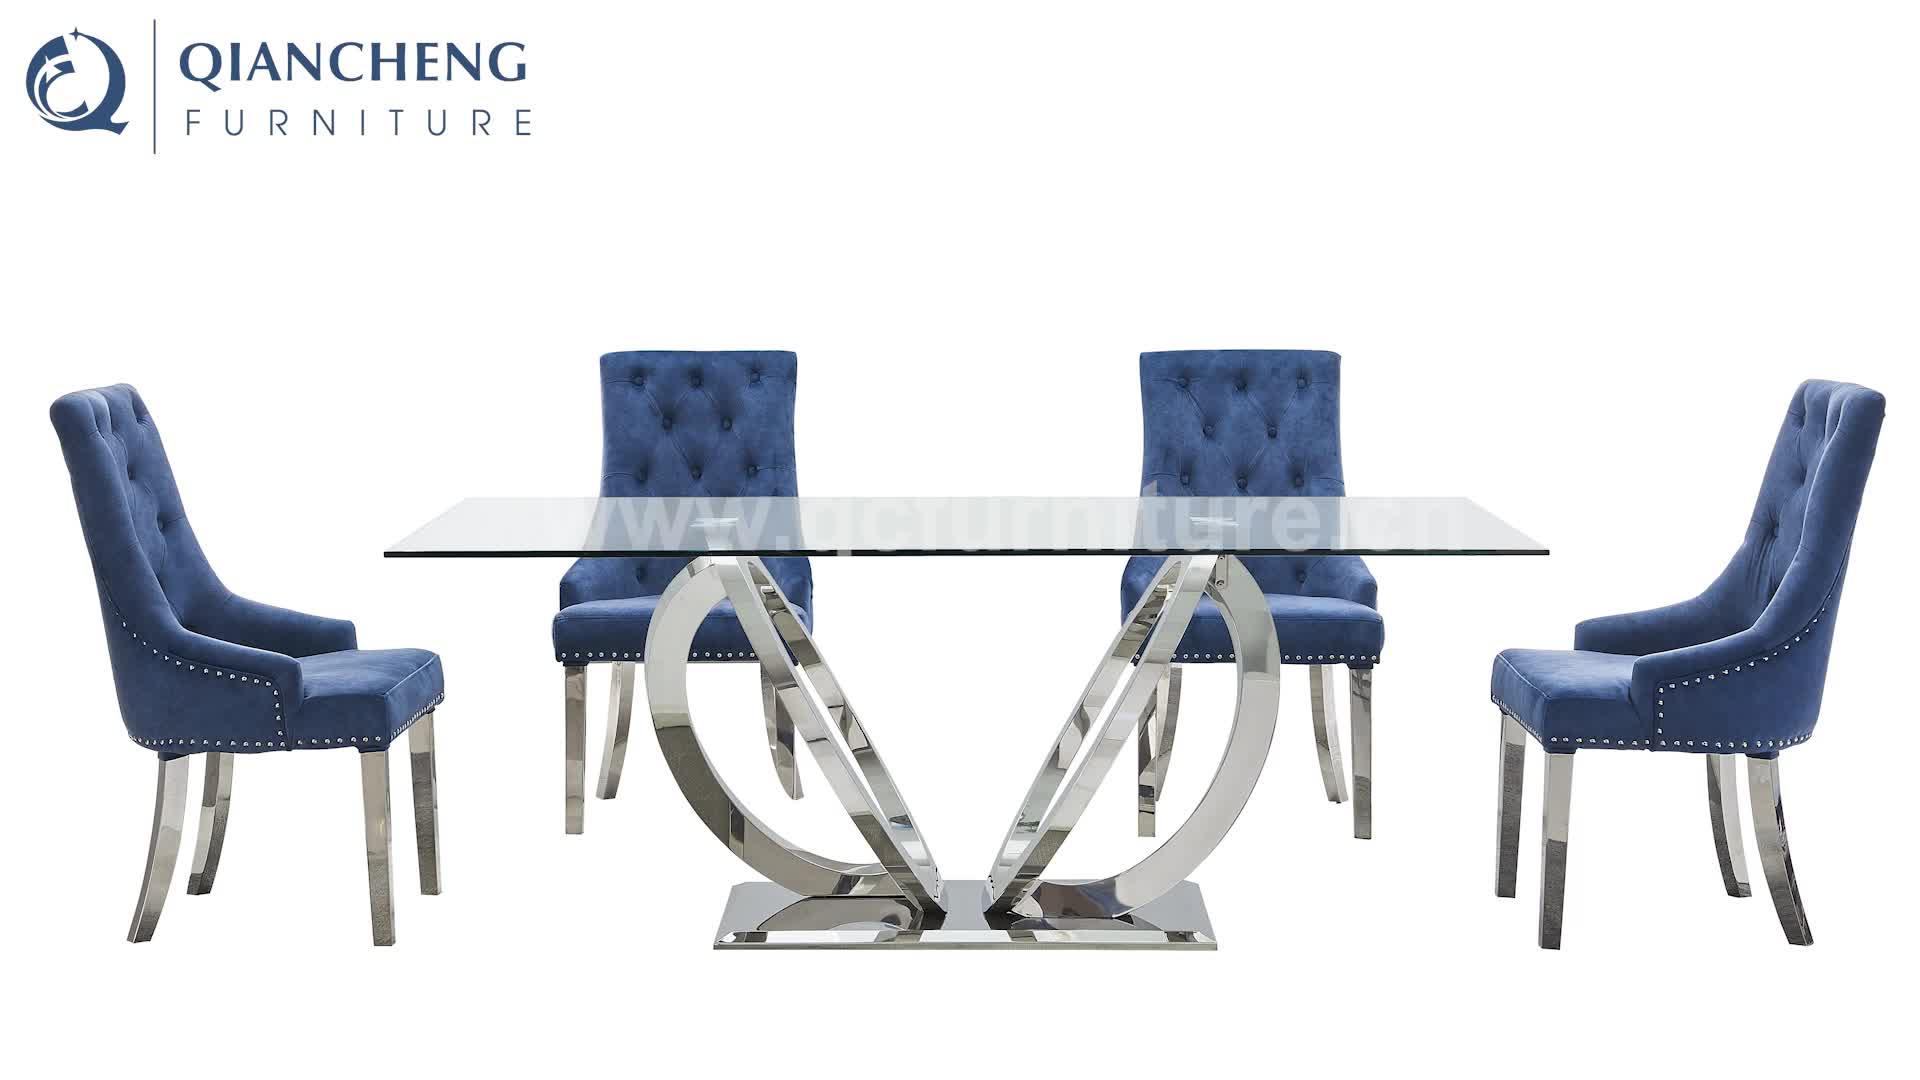 ダイニングルームの家具ステンレス鋼デザイン強化ガラストップダイニングテーブルと 6 椅子セット